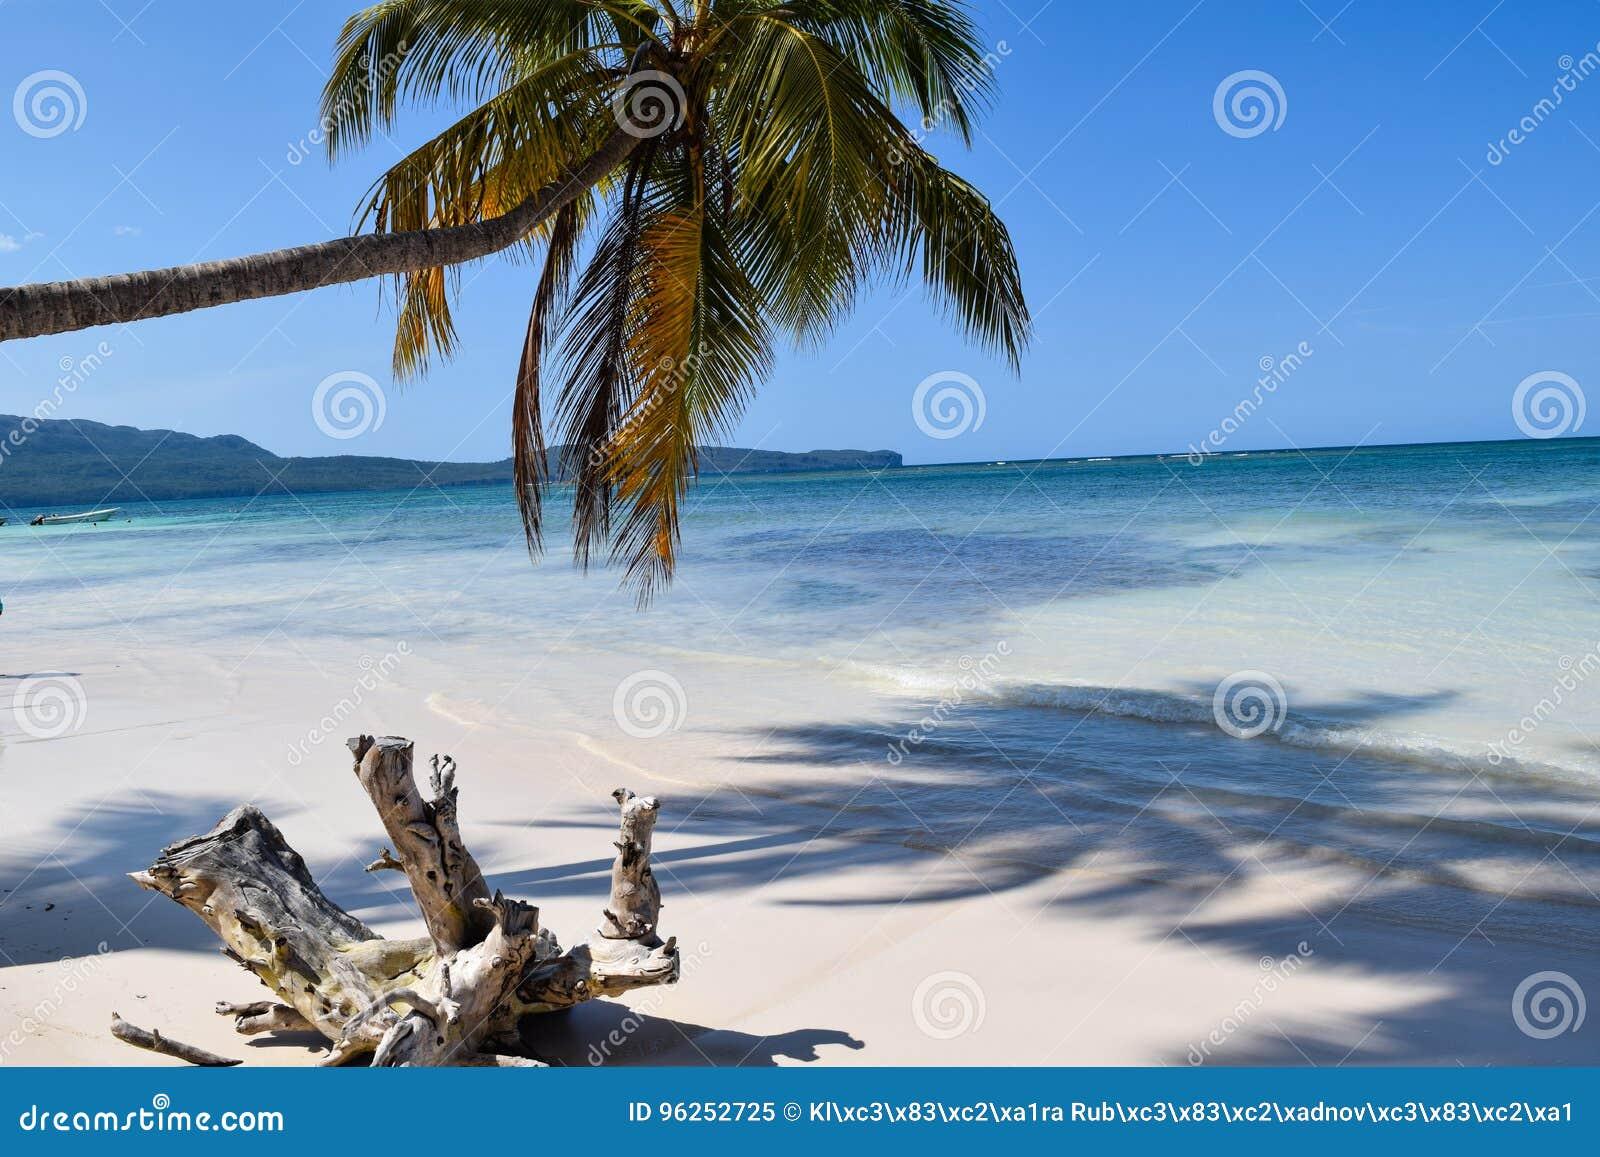 Dröm- strand med vit snad på karibiskt